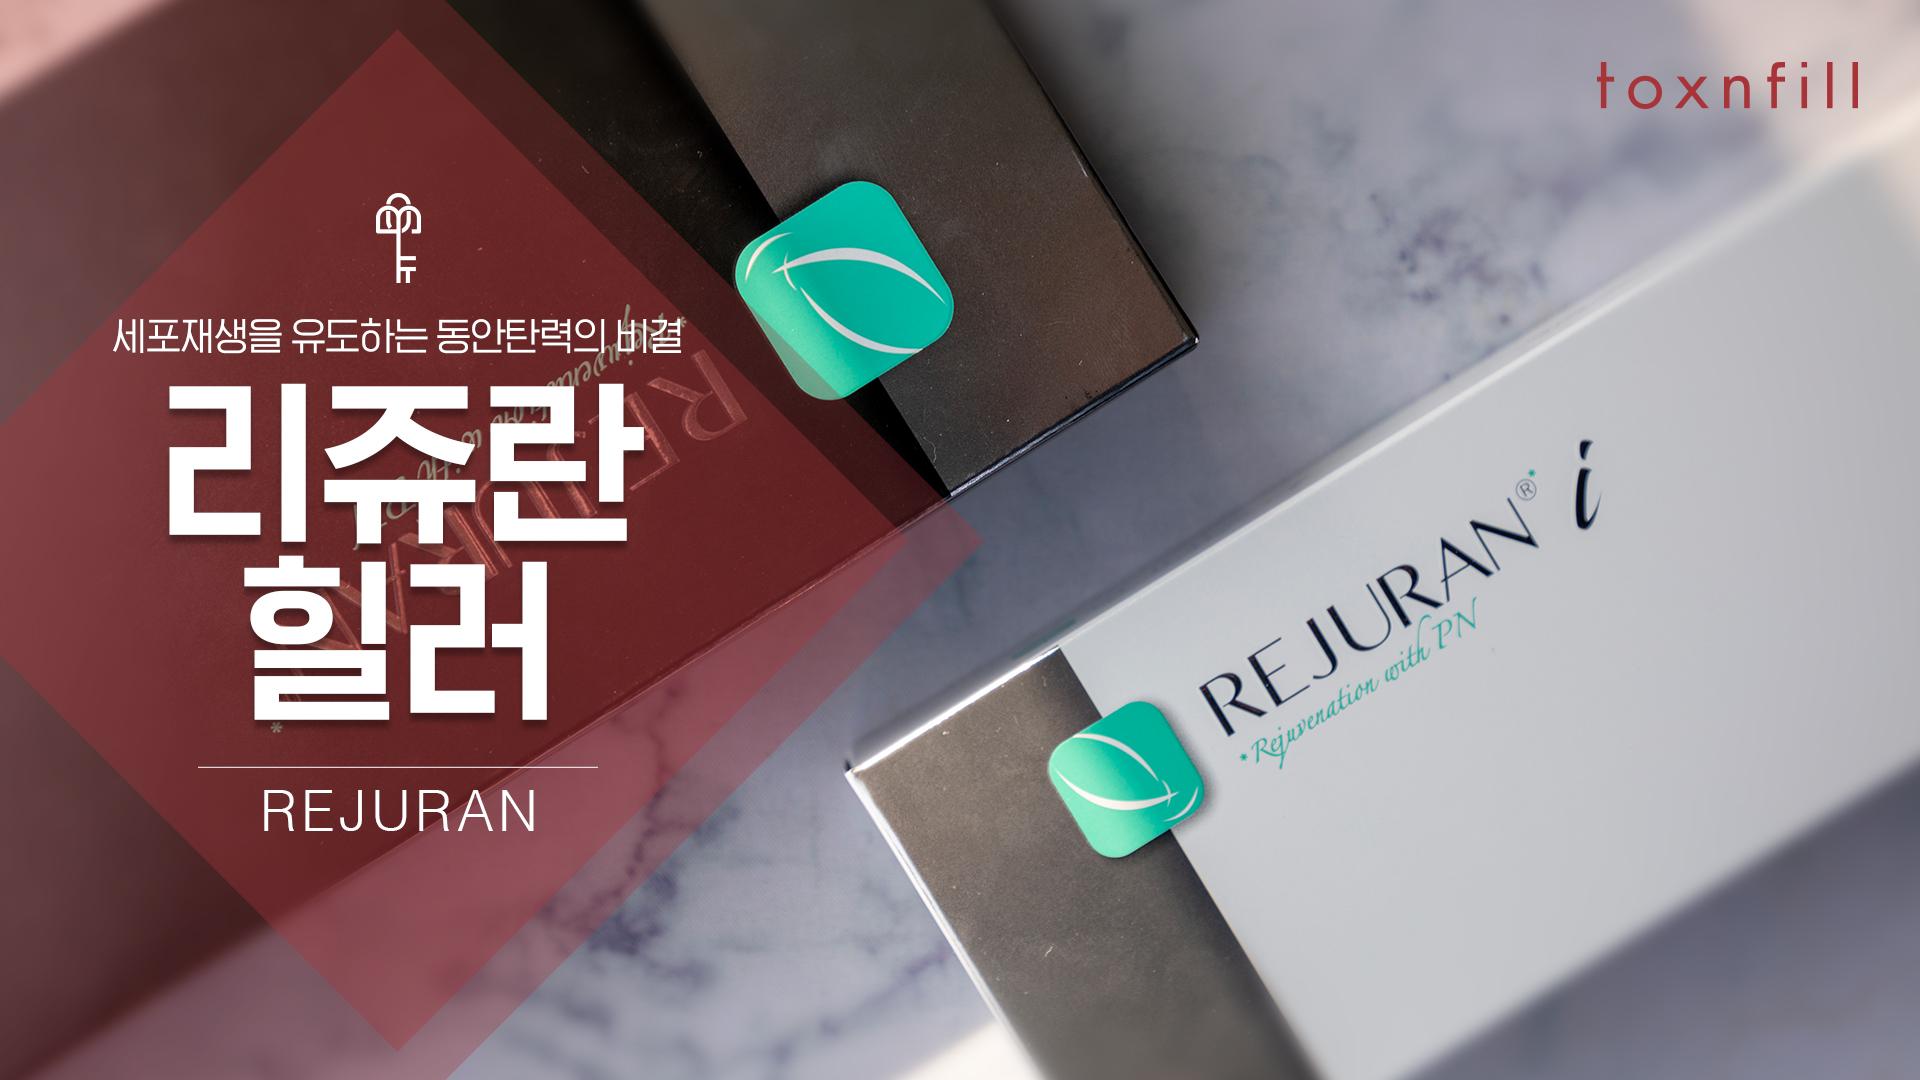 [EVENT] 리쥬란힐러